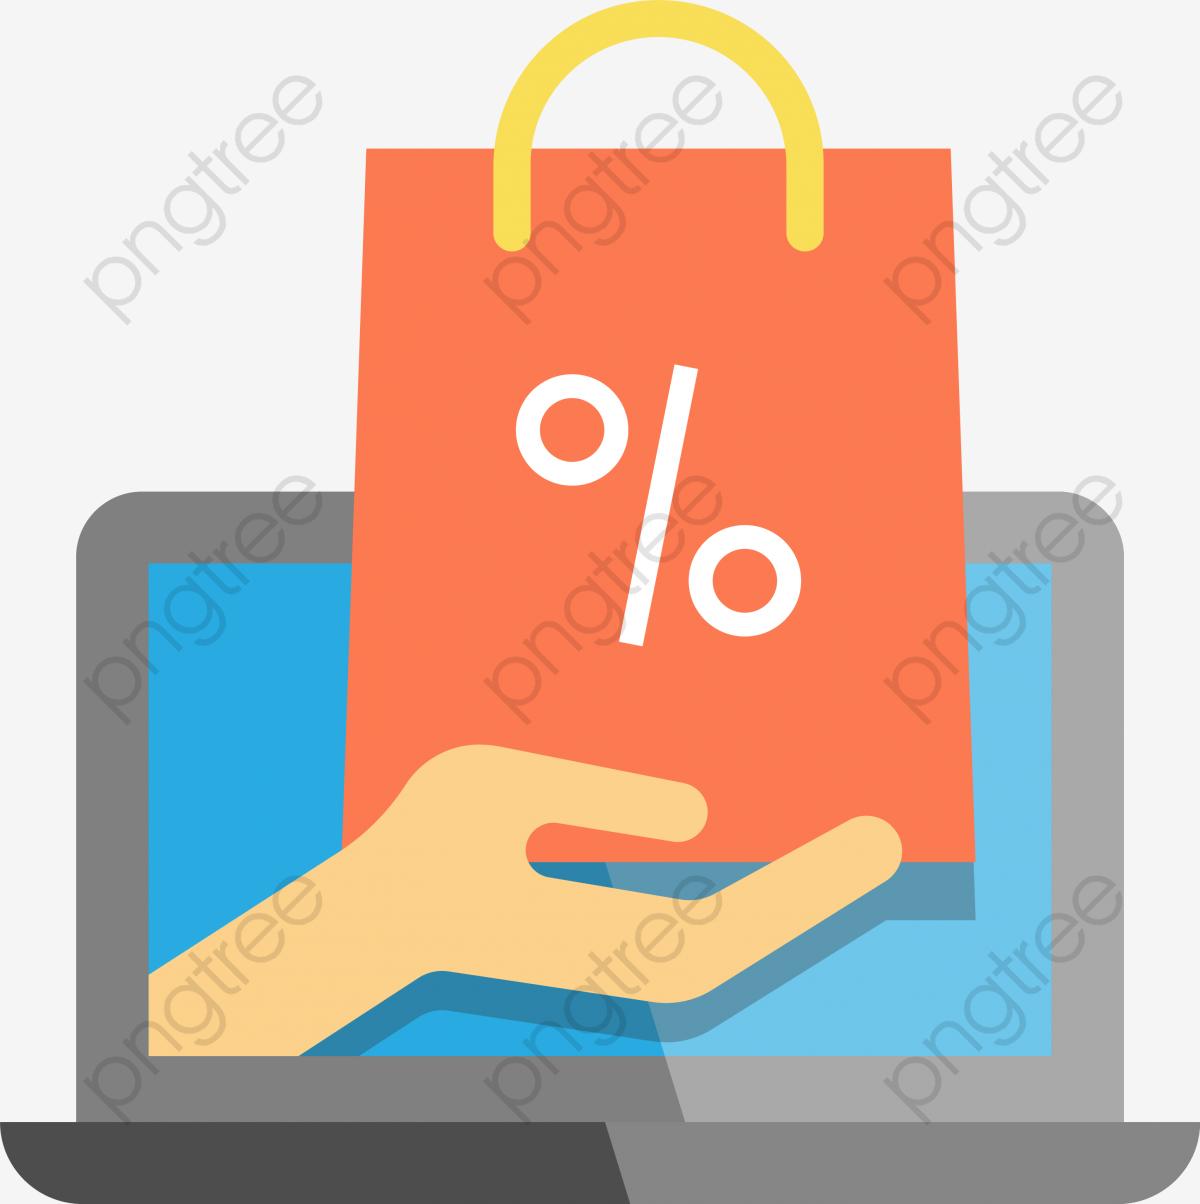 Icono De Compra Online, Online Shopping, Supermercado En Línea, E.